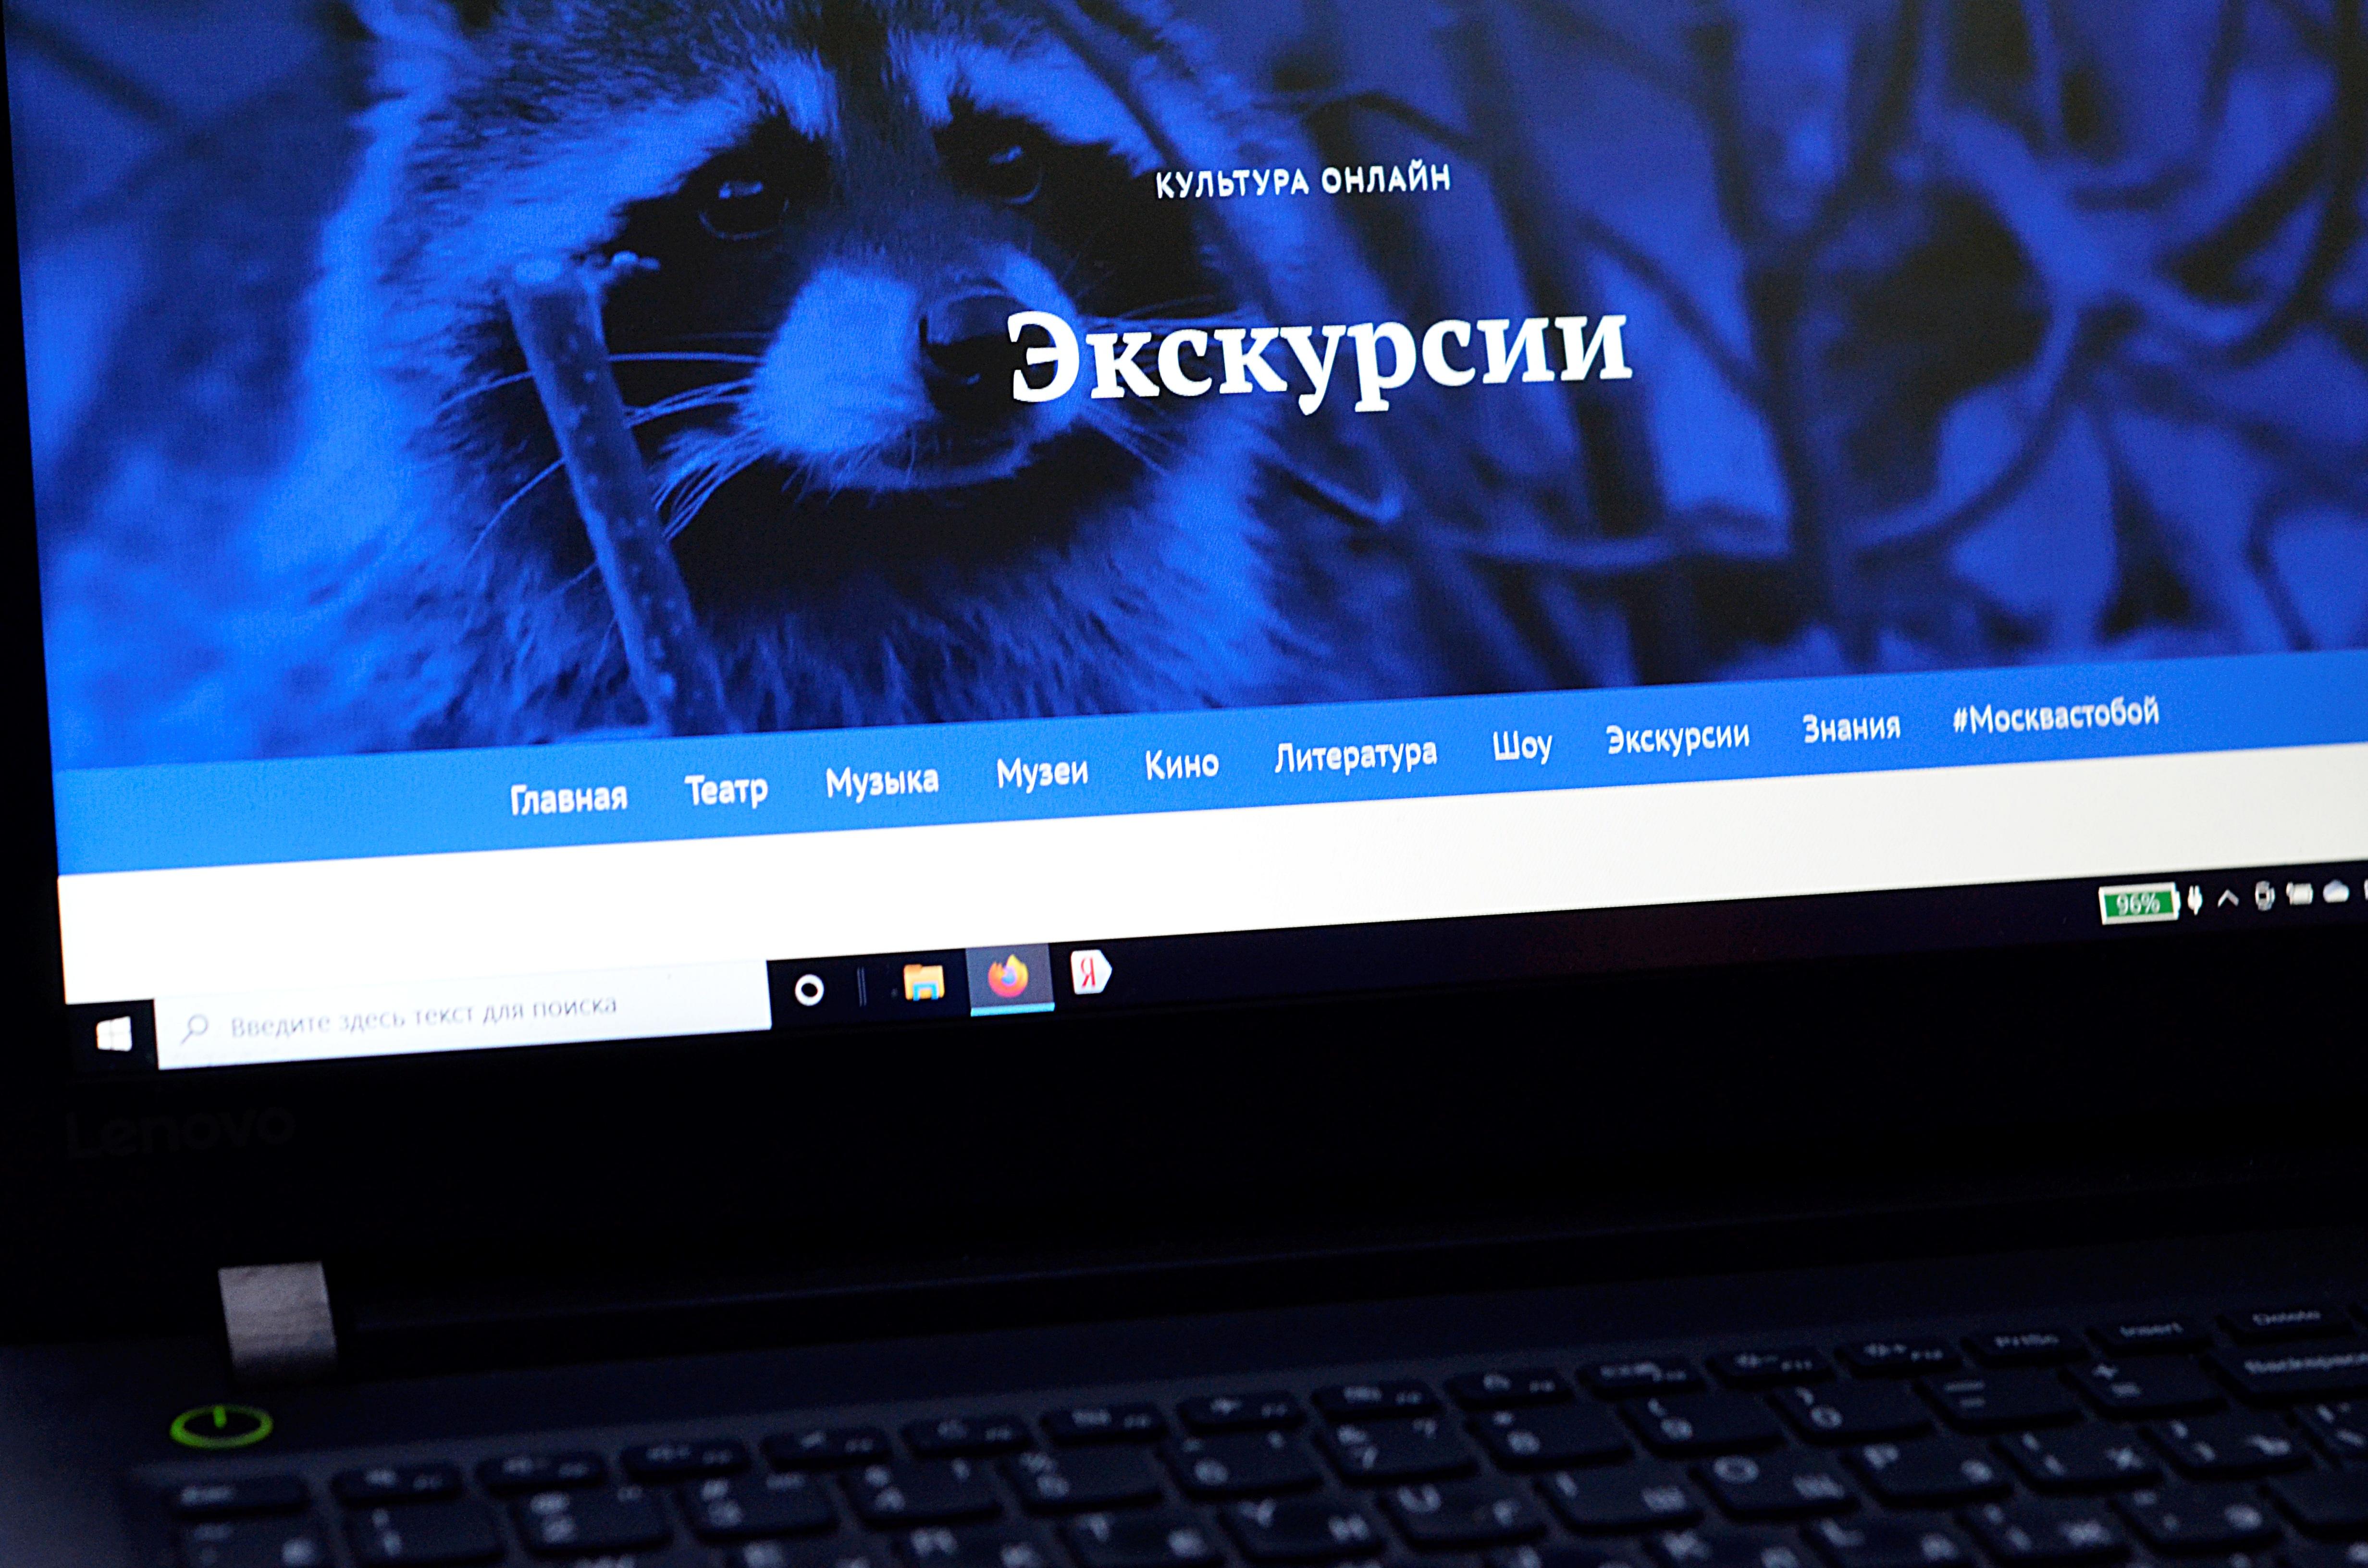 Онлайн-экскурсию организуют сотрудники библиотеки №262 поселения Филимонковское